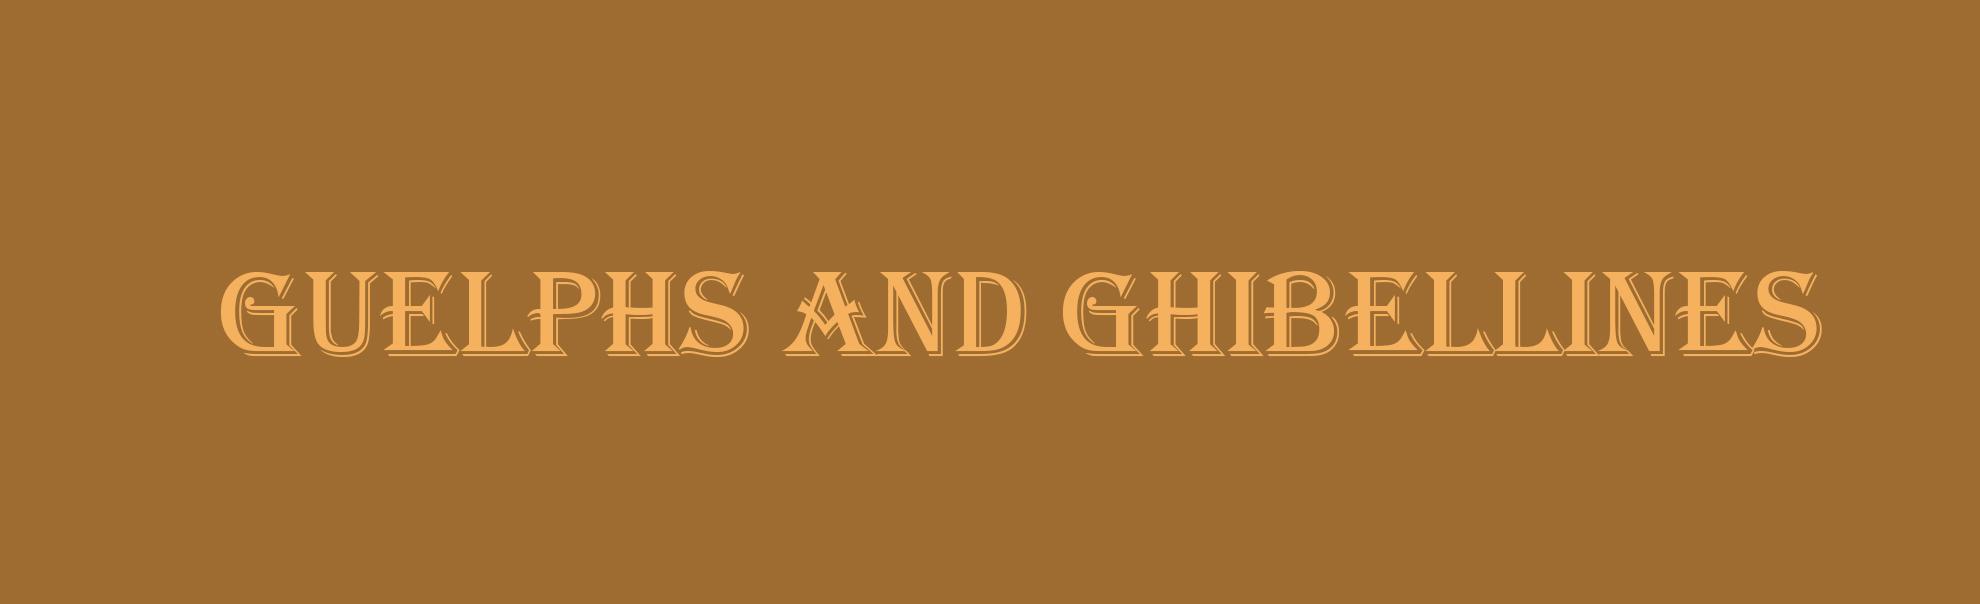 Борьба гвельфов и гибеллинов во Флоренции